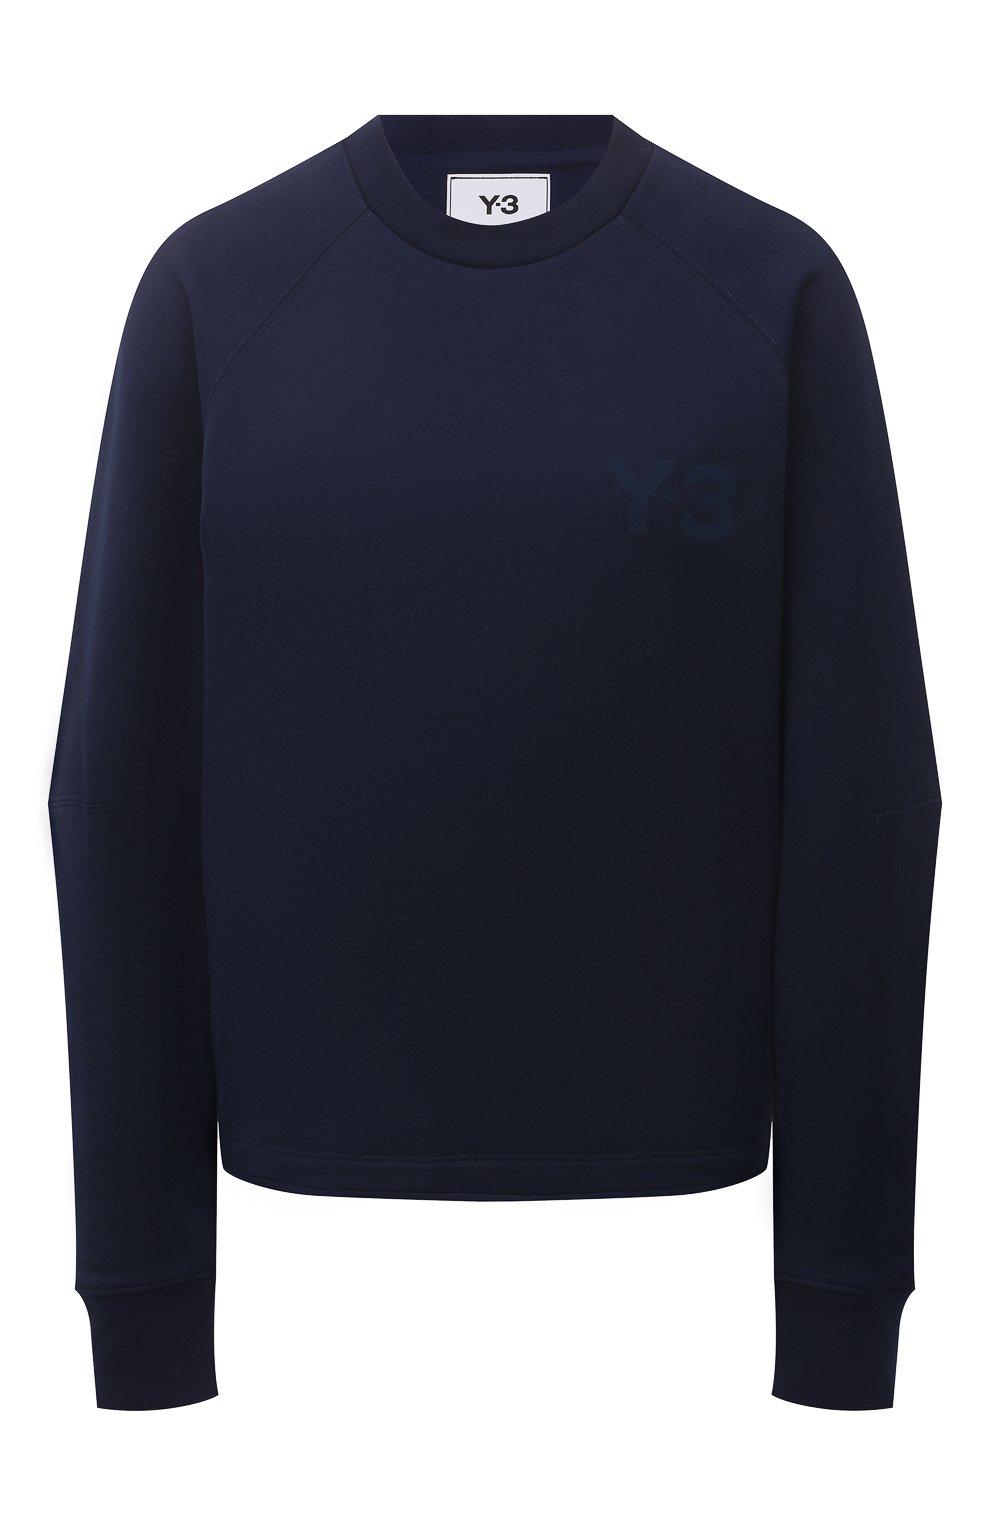 Женский свитшот Y-3 темно-синего цвета, арт. GV0339/W | Фото 1 (Рукава: Длинные; Длина (для топов): Стандартные; Женское Кросс-КТ: Свитшот-спорт, Свитшот-одежда; Материал внешний: Хлопок; Стили: Спорт-шик)